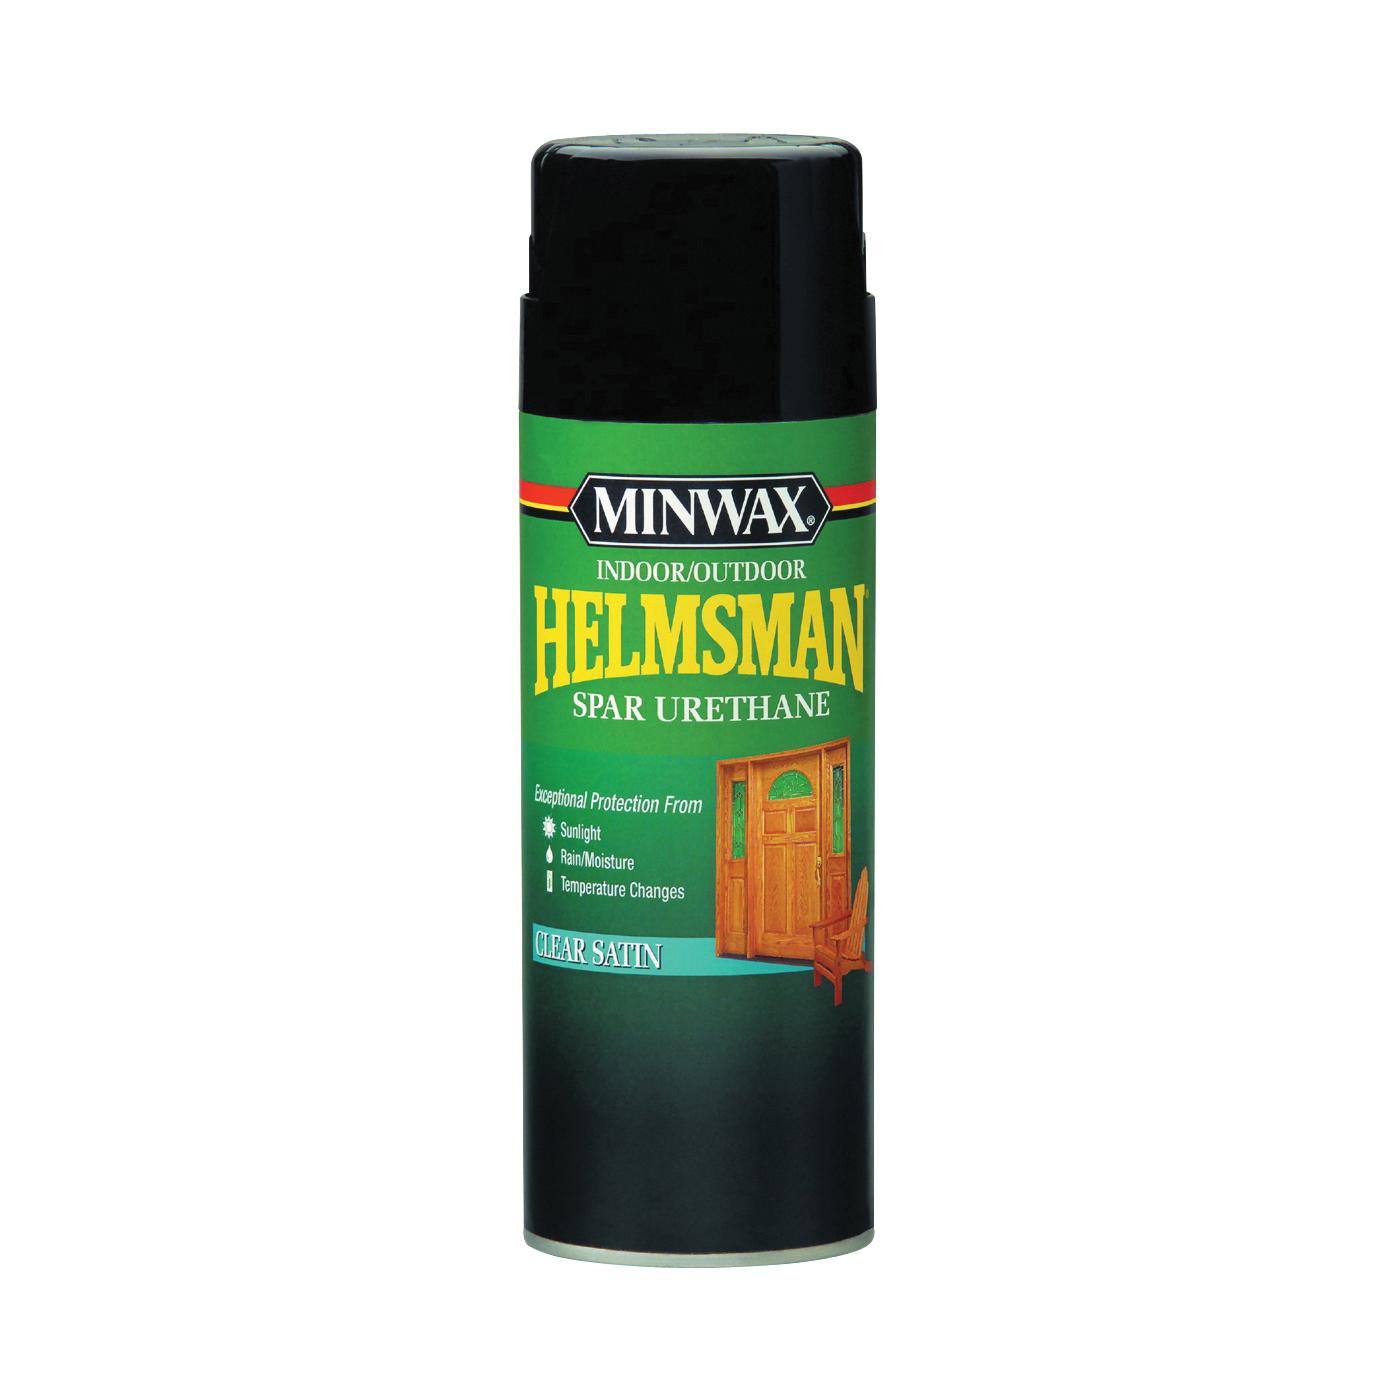 MINWAX 33255000